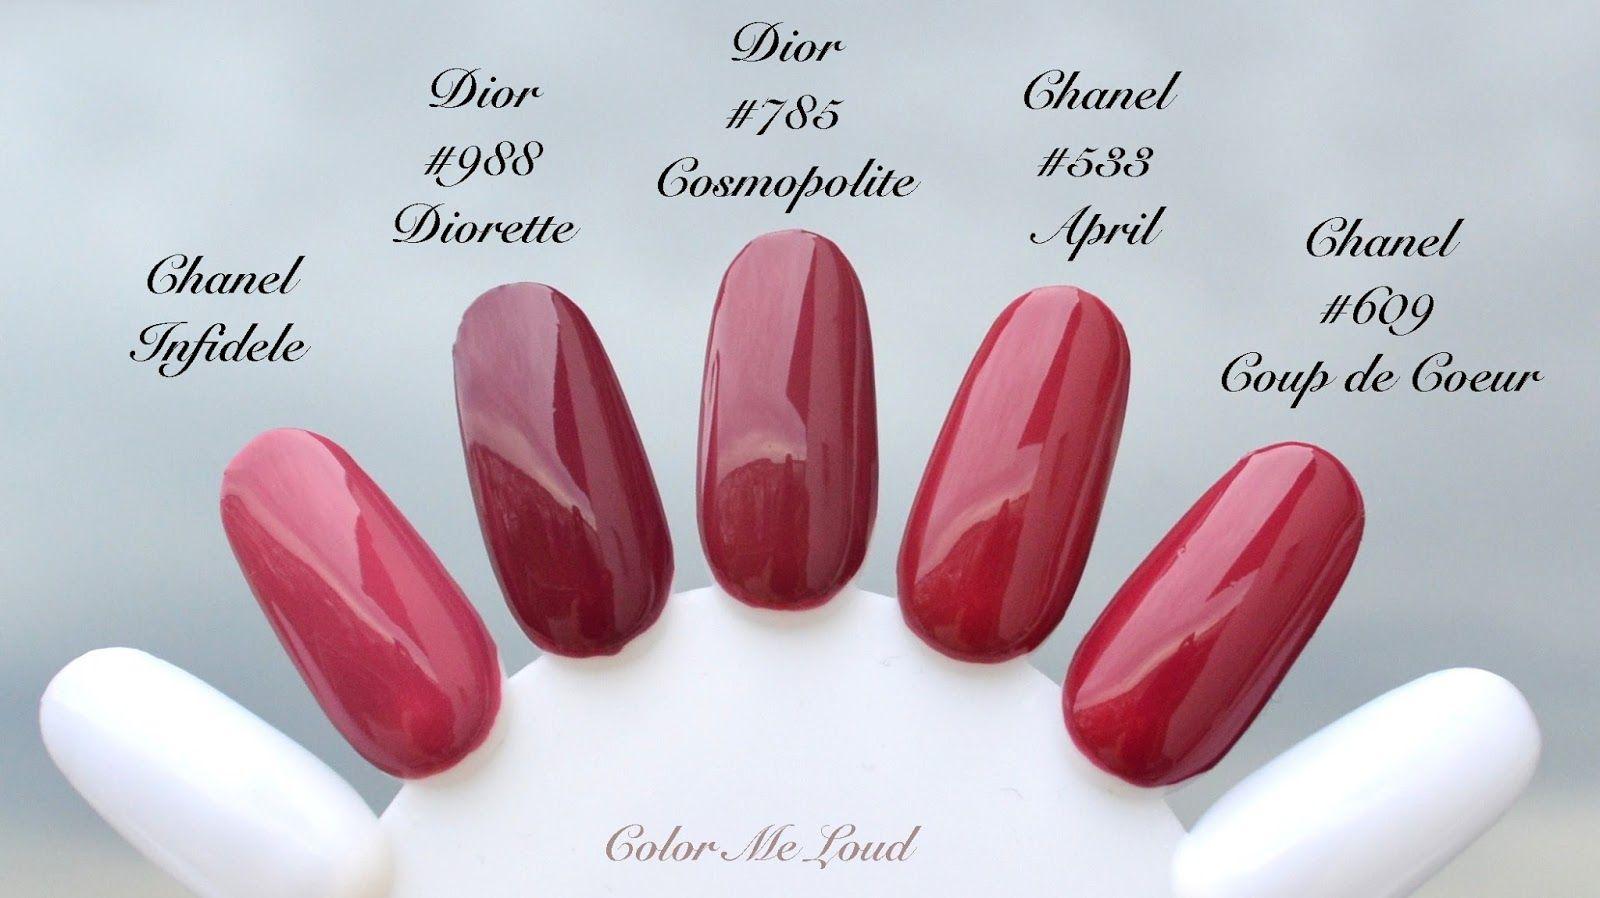 Dior #785 cosmopolite compare - Google Search | ORANGES/ LIGHT ...